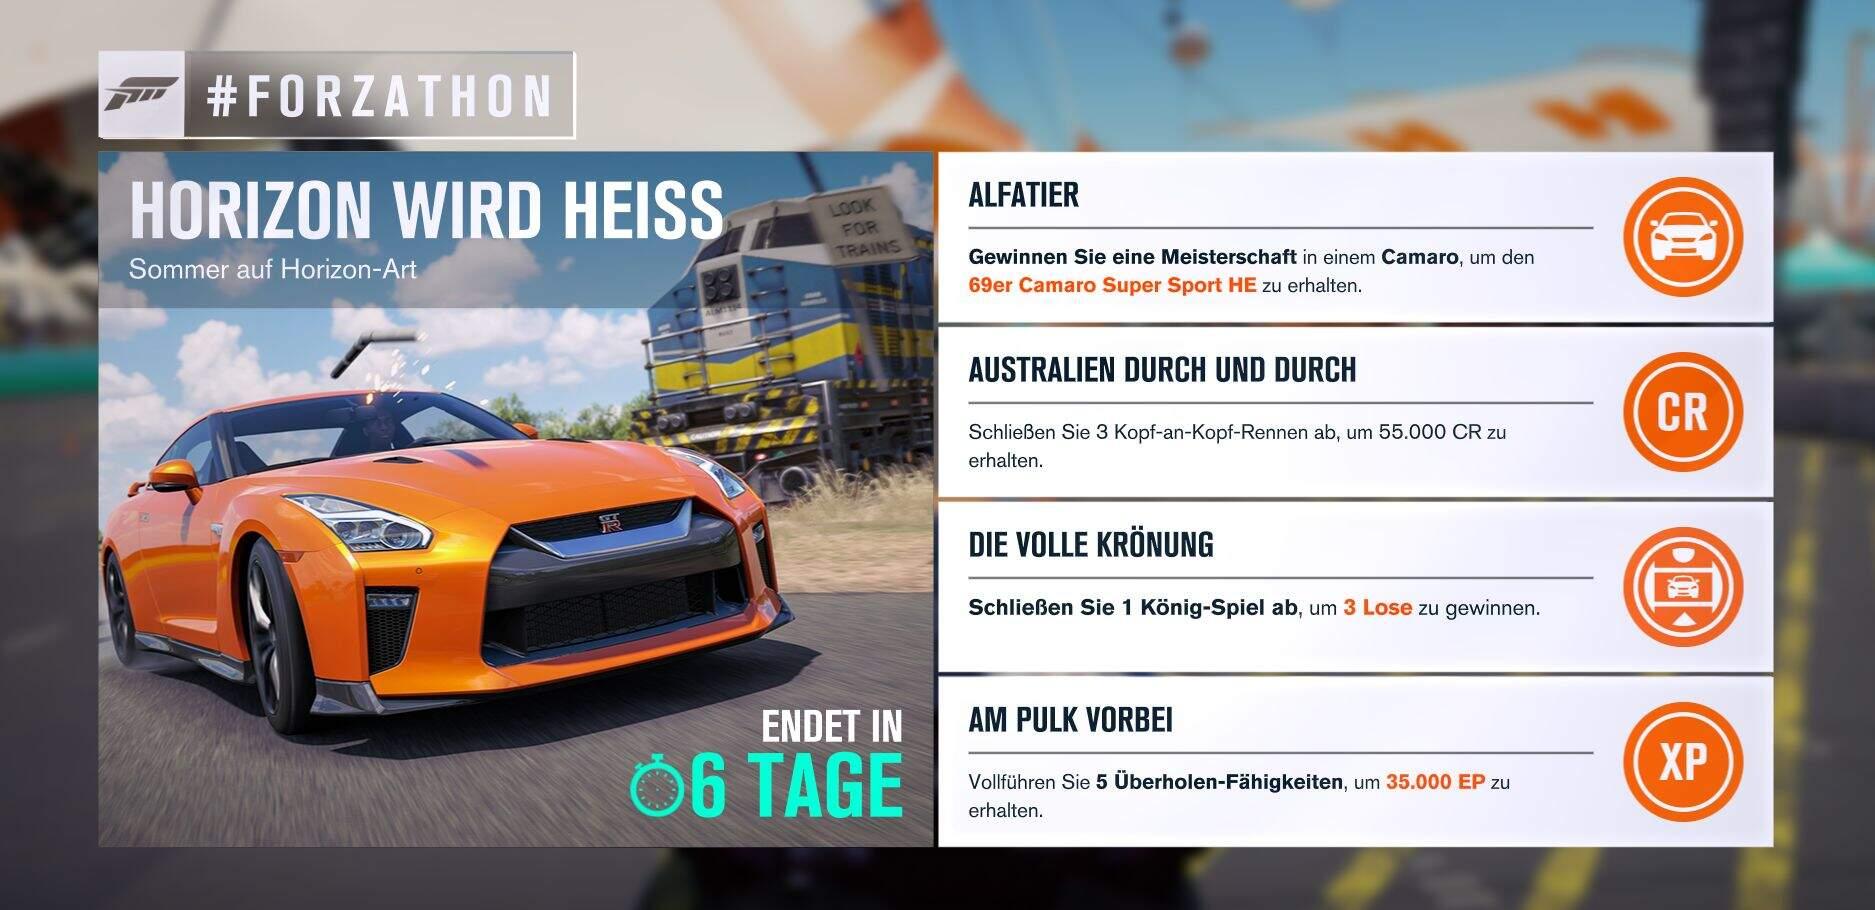 Forza Horizon 3 #Forzathon Guide KW 26 – Horizon wird heiss